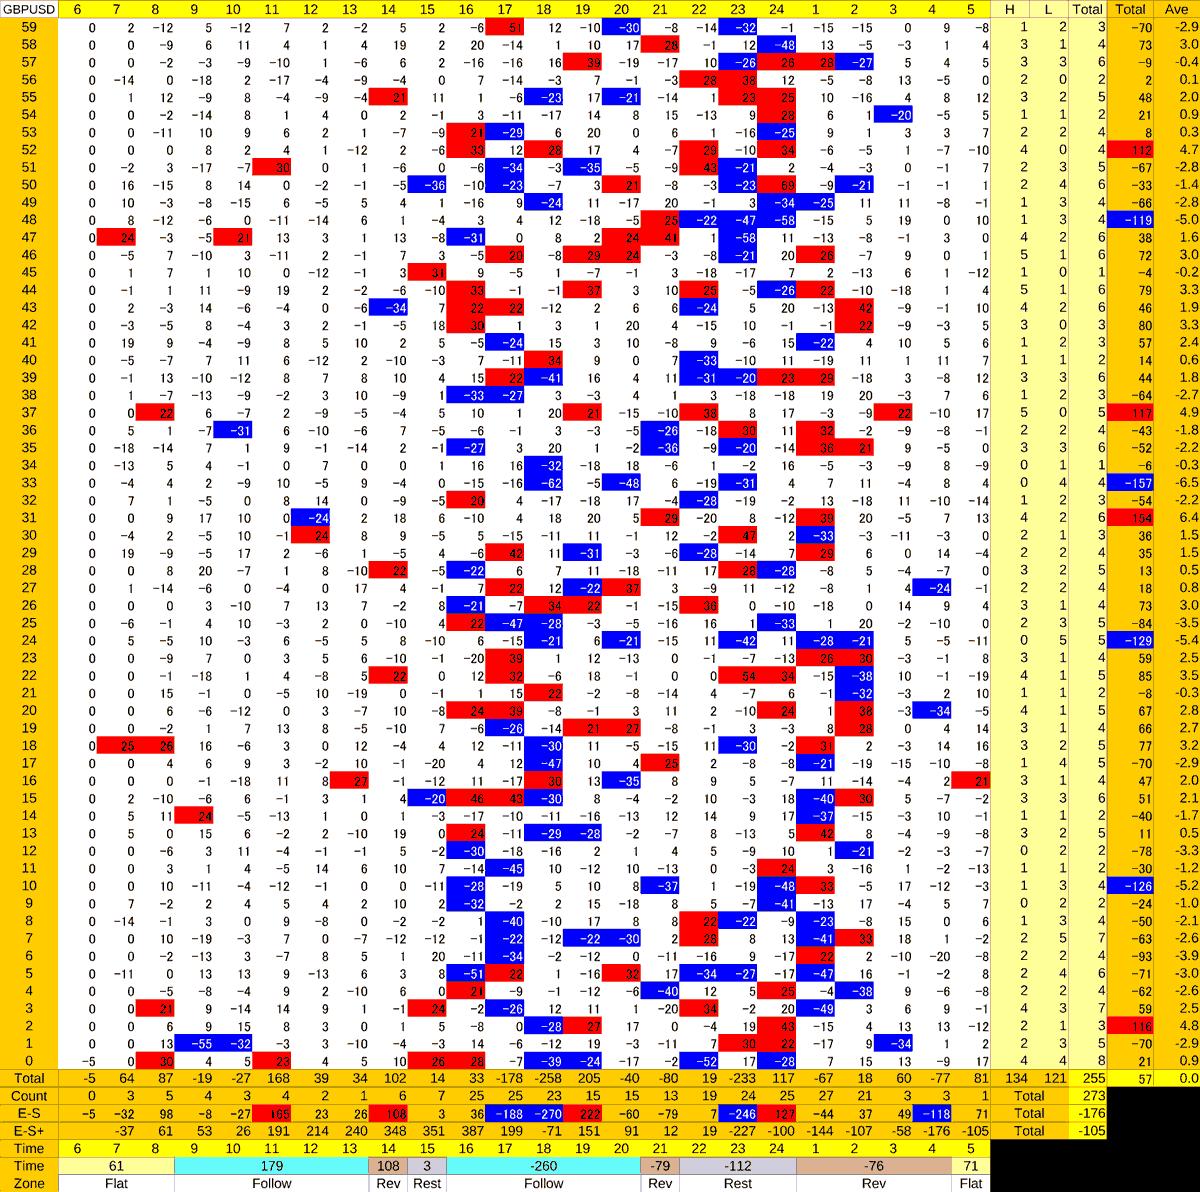 20210125_HS(2)GBPUSD